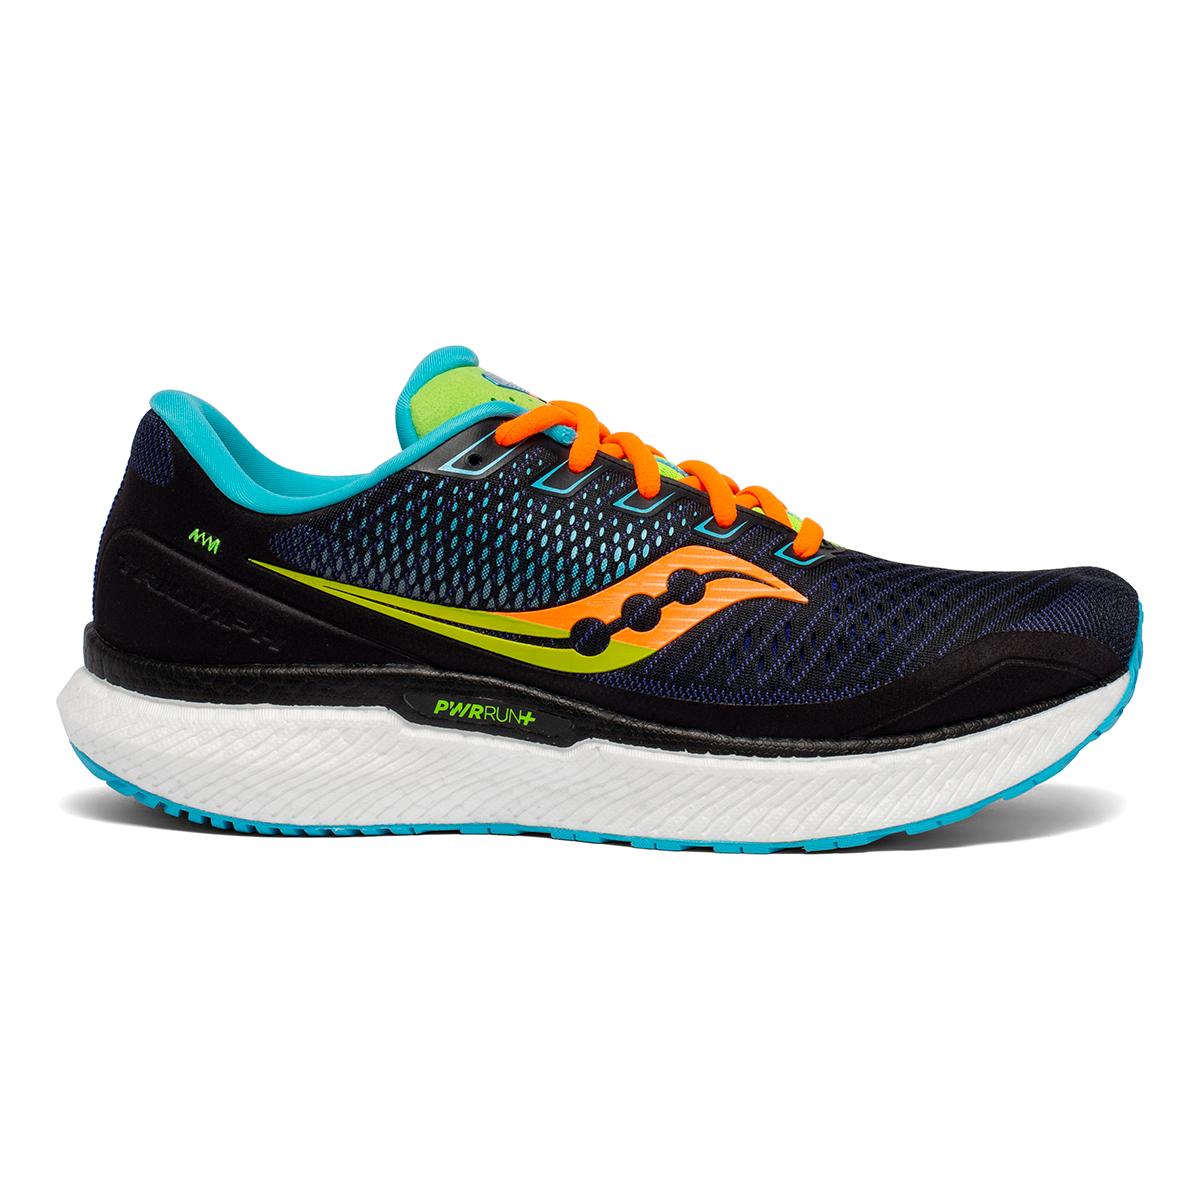 Saucony Triumph 18 Men's Running Shoe (various colors/sizes)